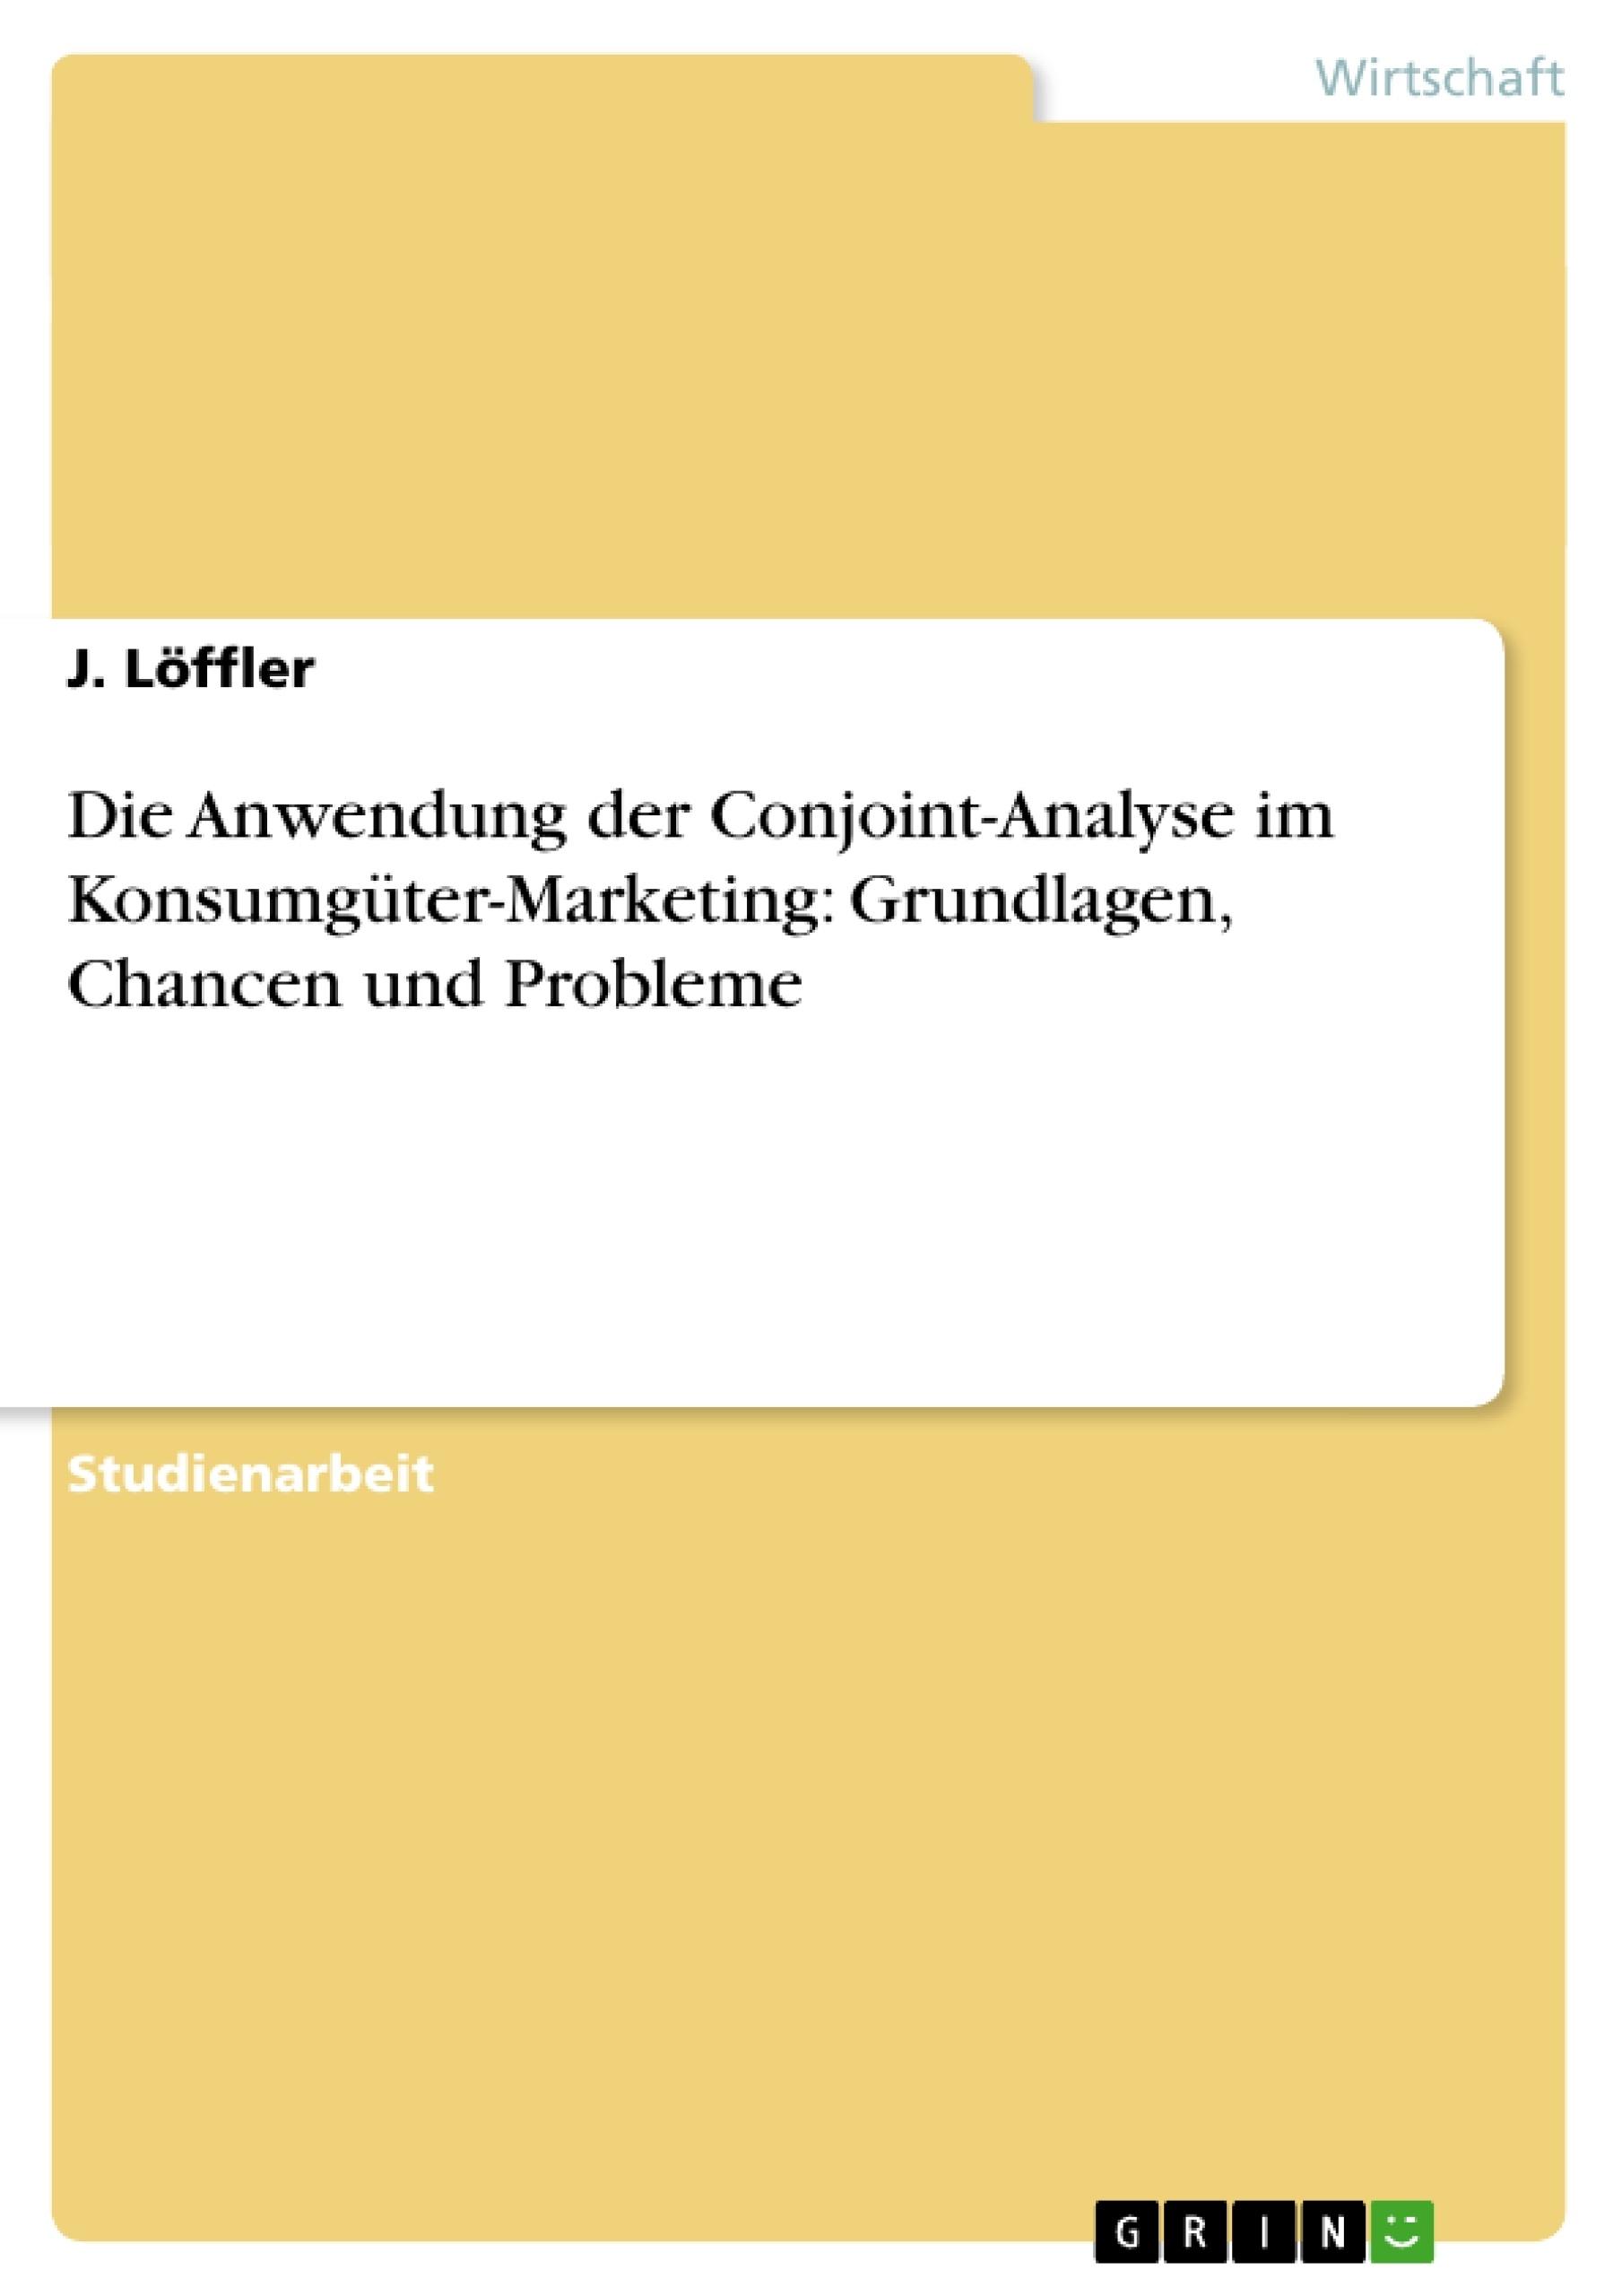 Titel: Die Anwendung der Conjoint-Analyse im Konsumgüter-Marketing: Grundlagen, Chancen und Probleme